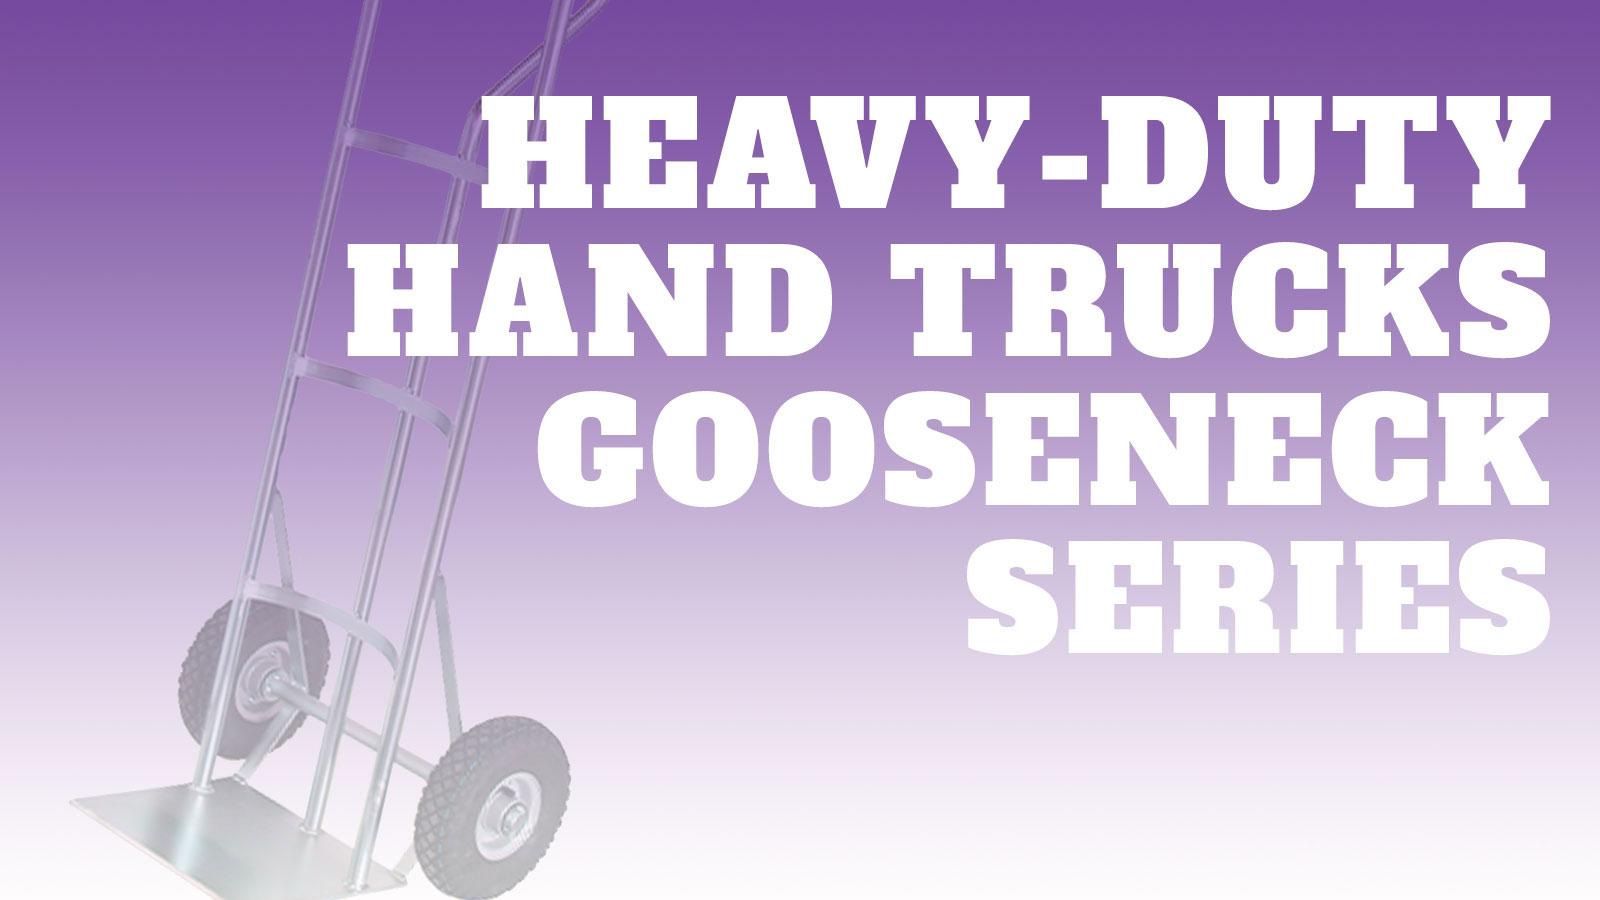 HandTruck-Heavy-Duty-Gooseneck